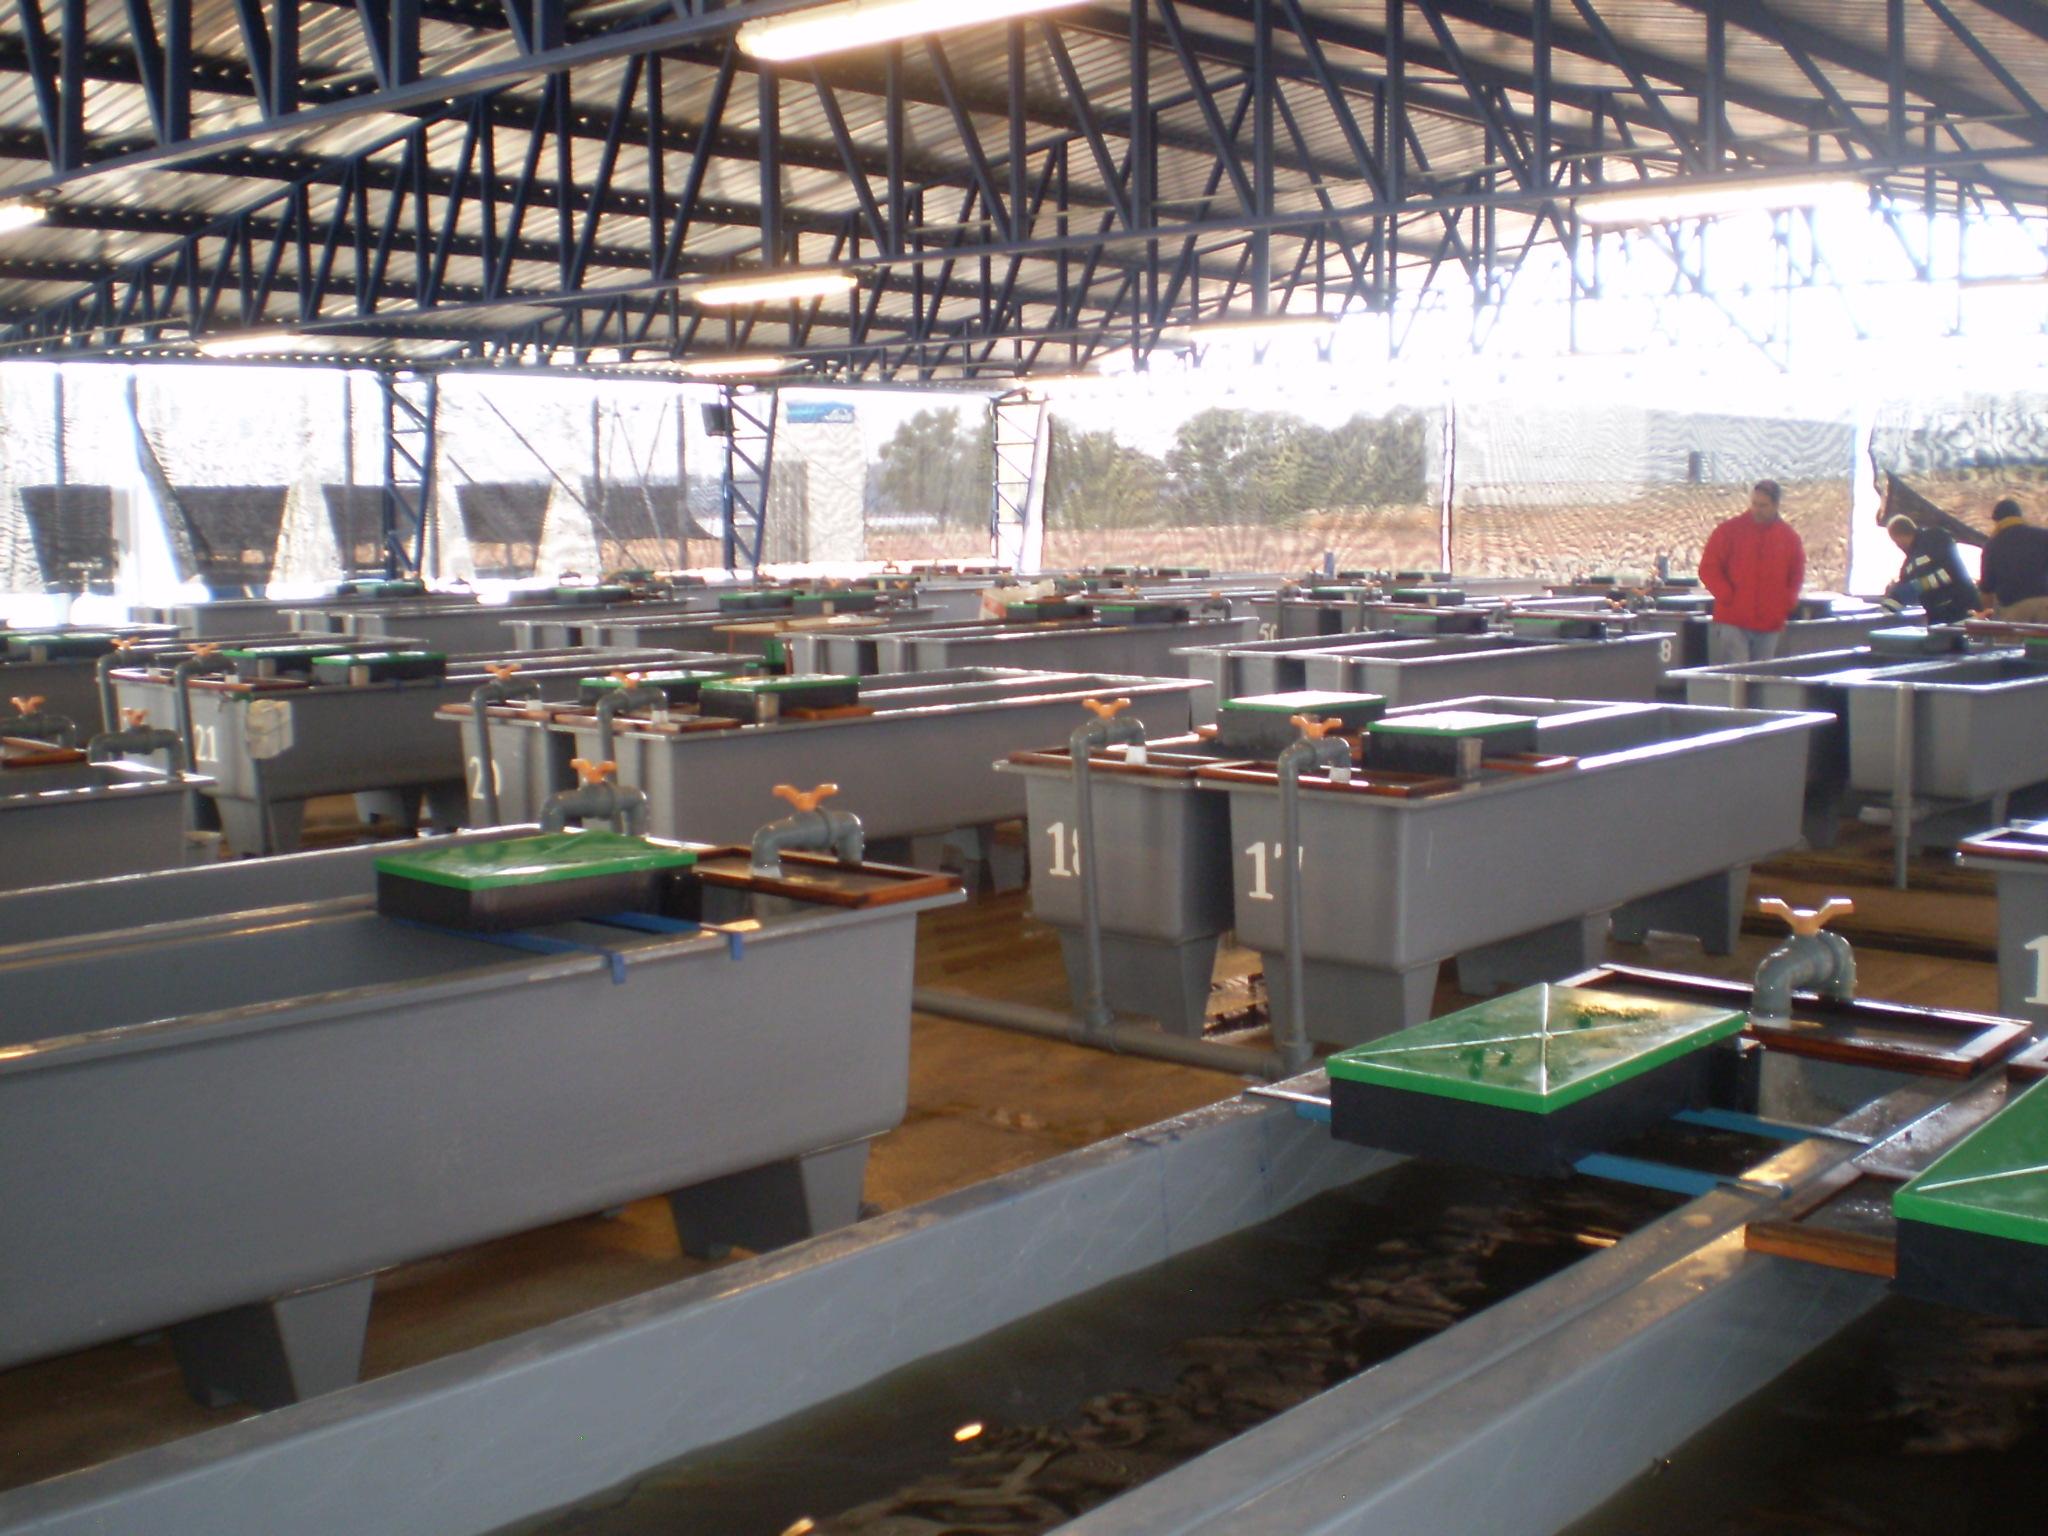 2010. Planta de esturiones (2)